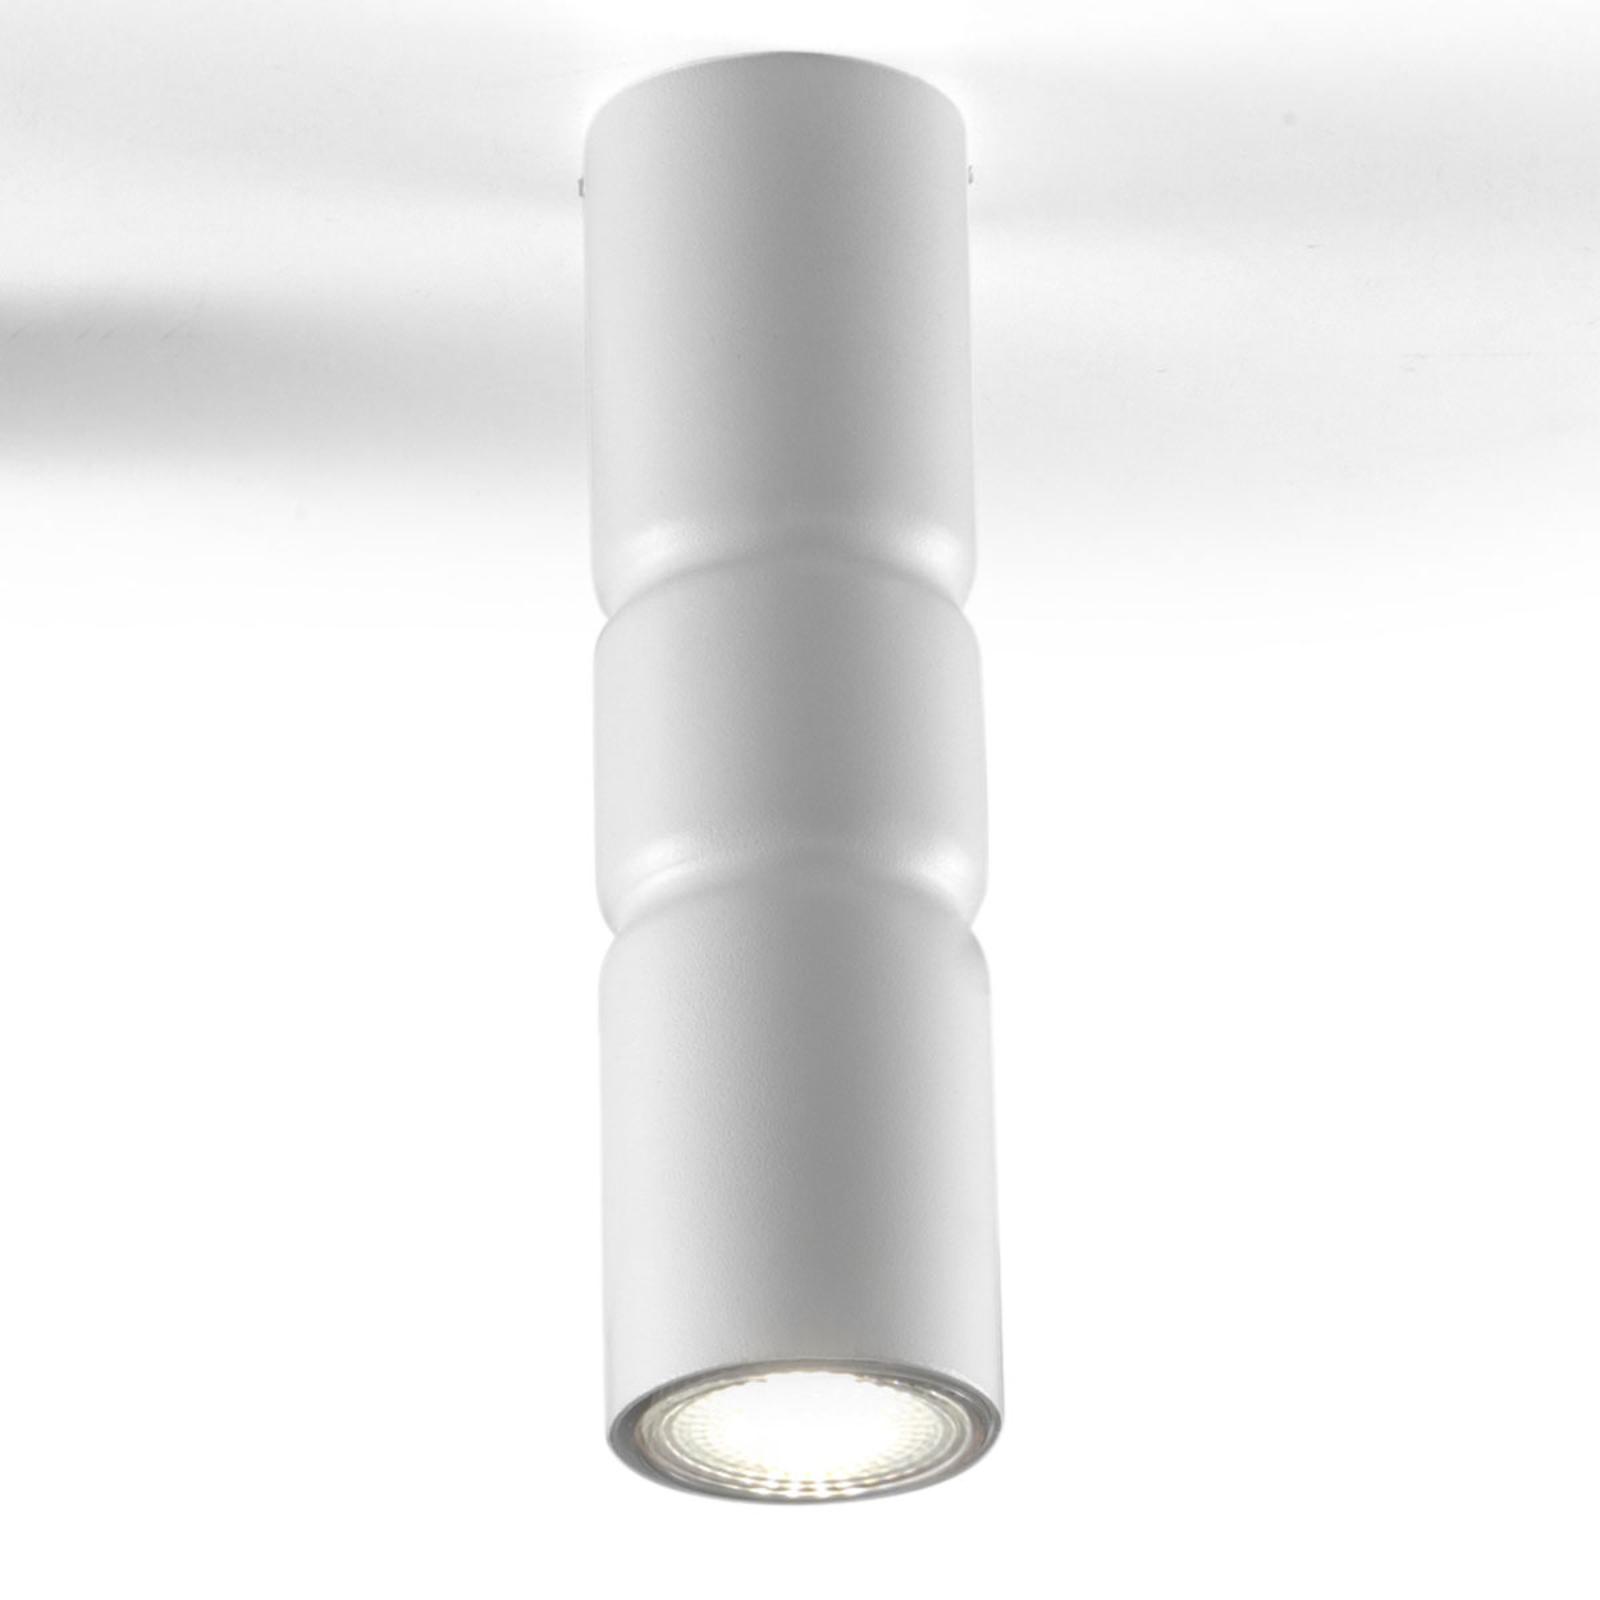 Lampa sufitowa Turbo, stała, biała